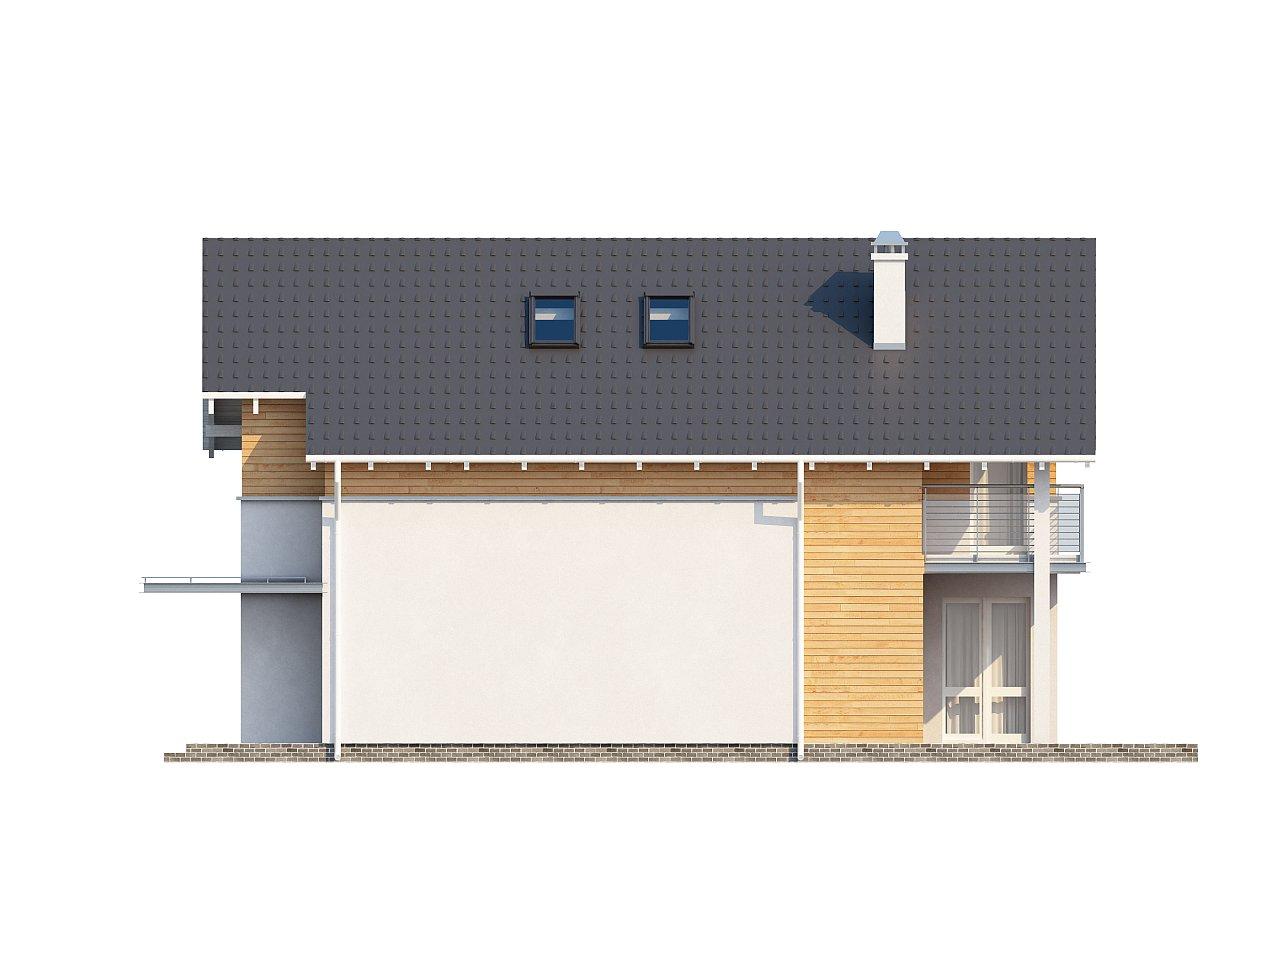 Энергоэффективный и удобный дом с современными элементами отделки фасадов. Подходит для узкого участка. - фото 6